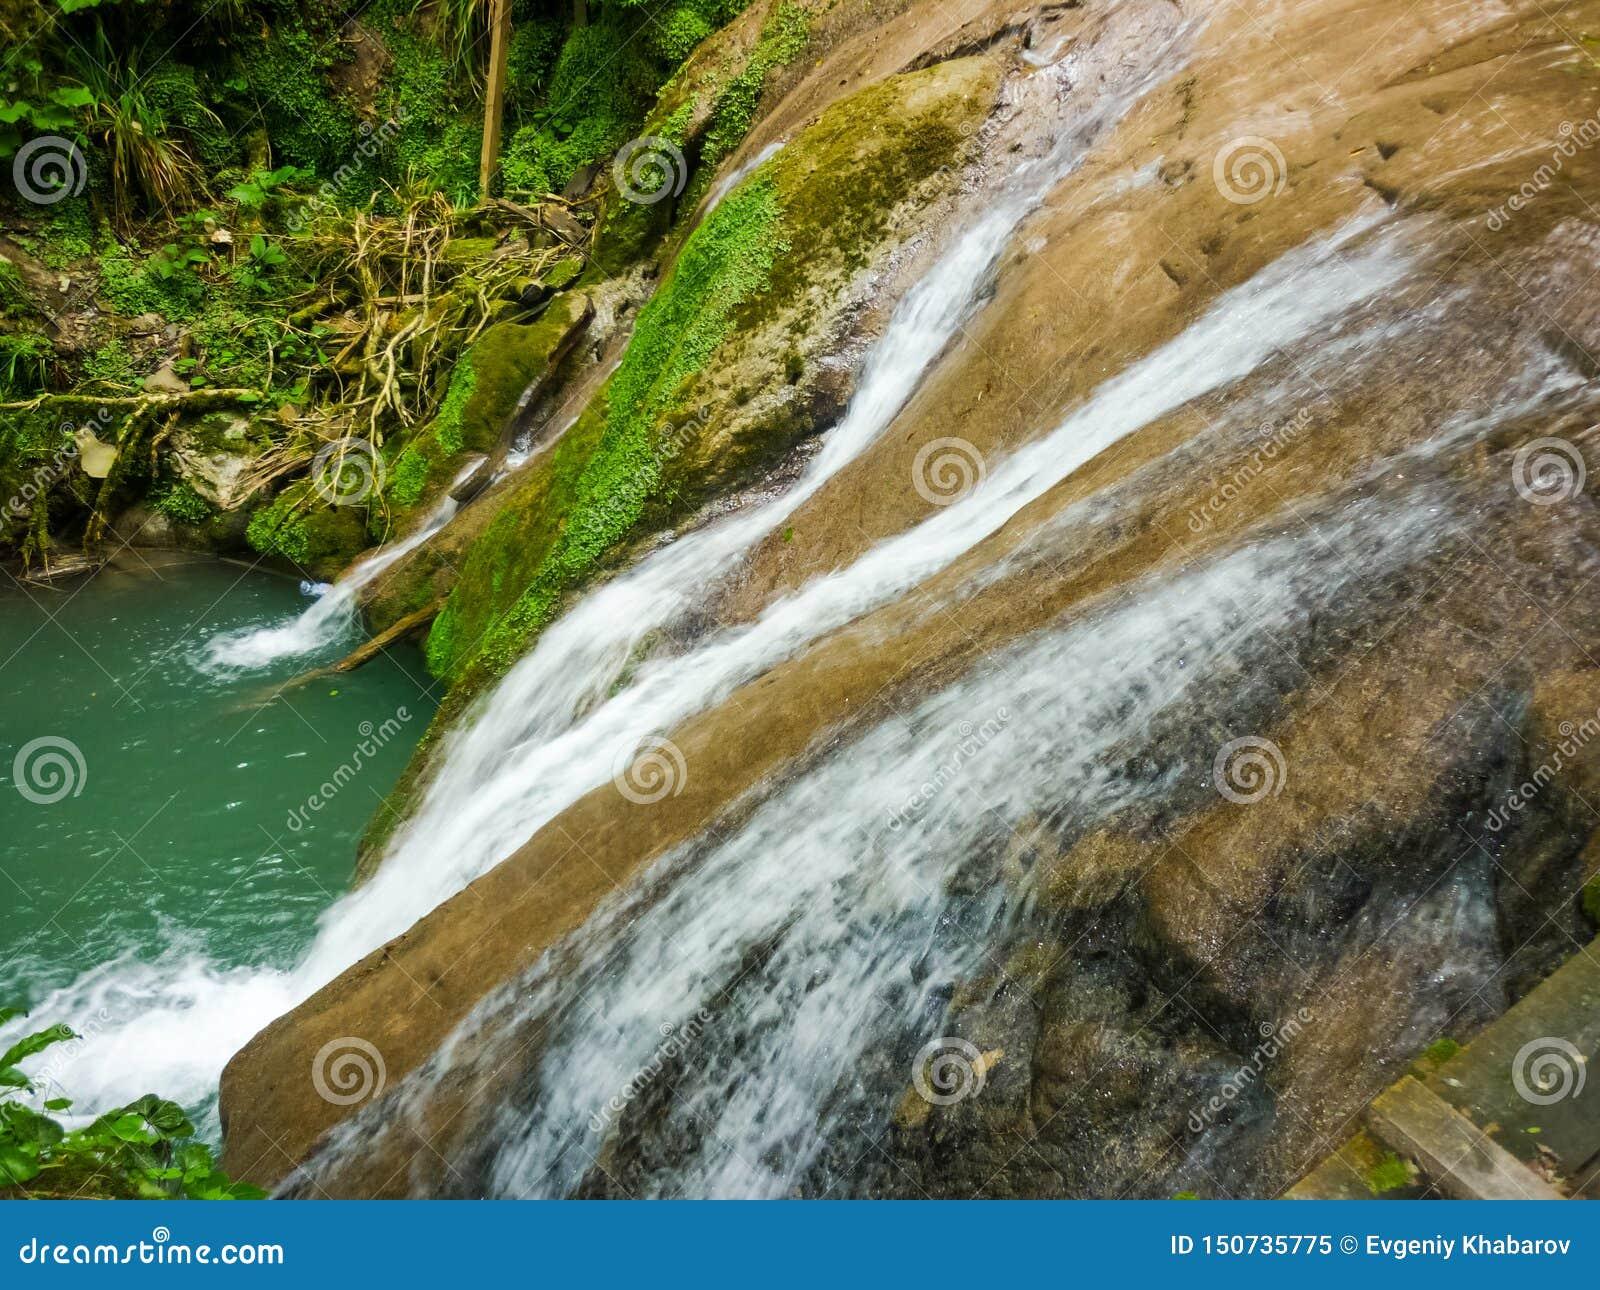 Todavía hermoso, incluso con flujo reducido en la caída temprana, se derrama a través y conecta en cascada sobre un acantilado cu